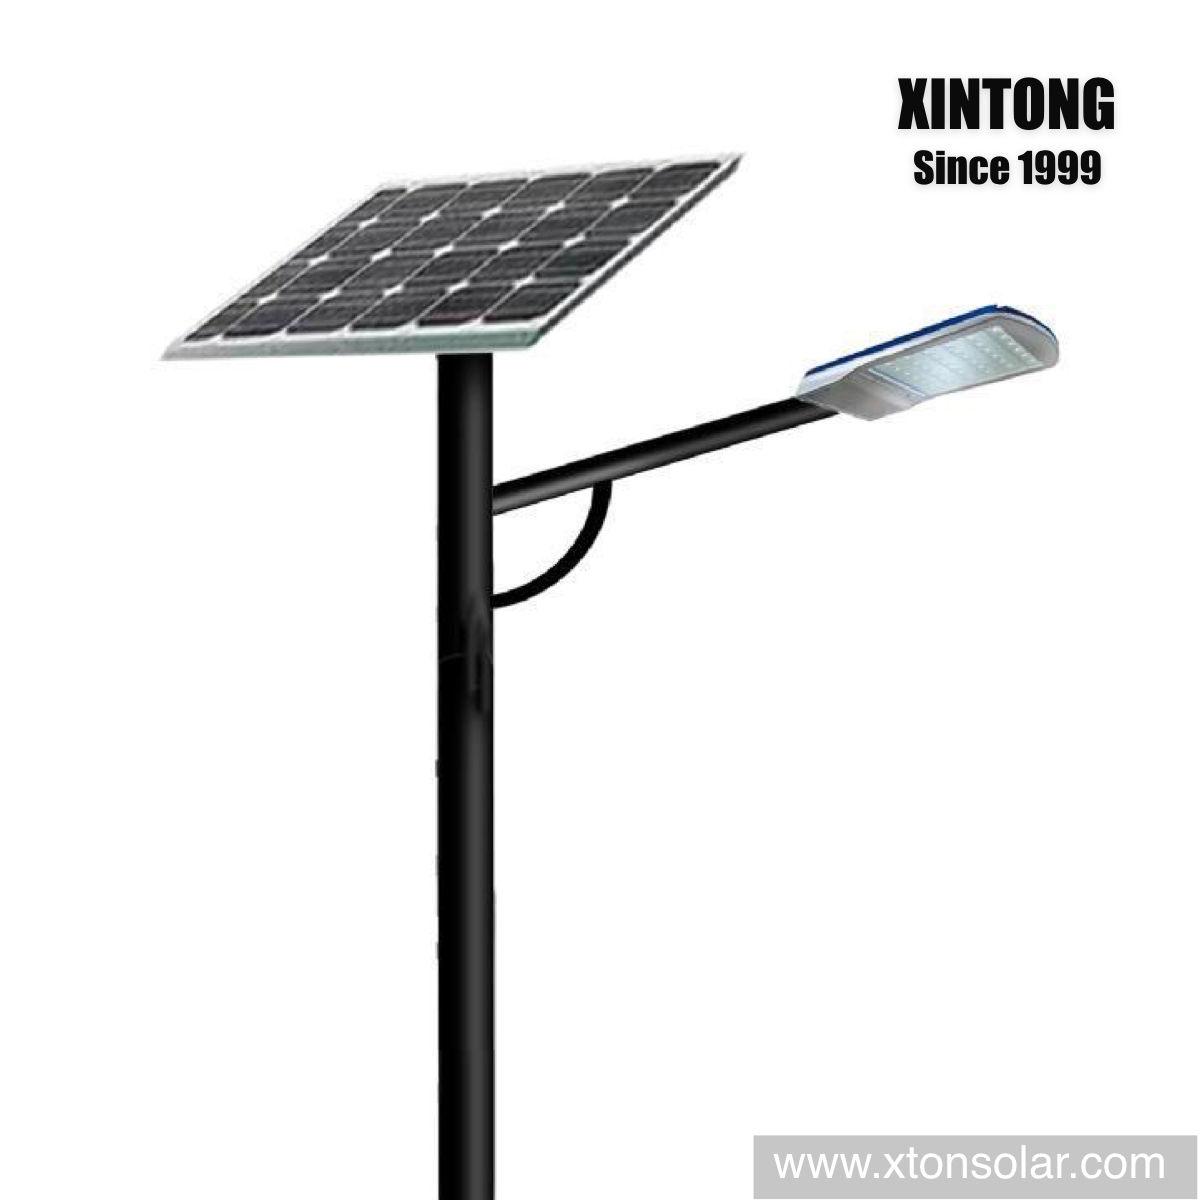 XINTONG 70w metal <span class=keywords><strong>halide</strong></span> led sokak lambası kablolama şeması